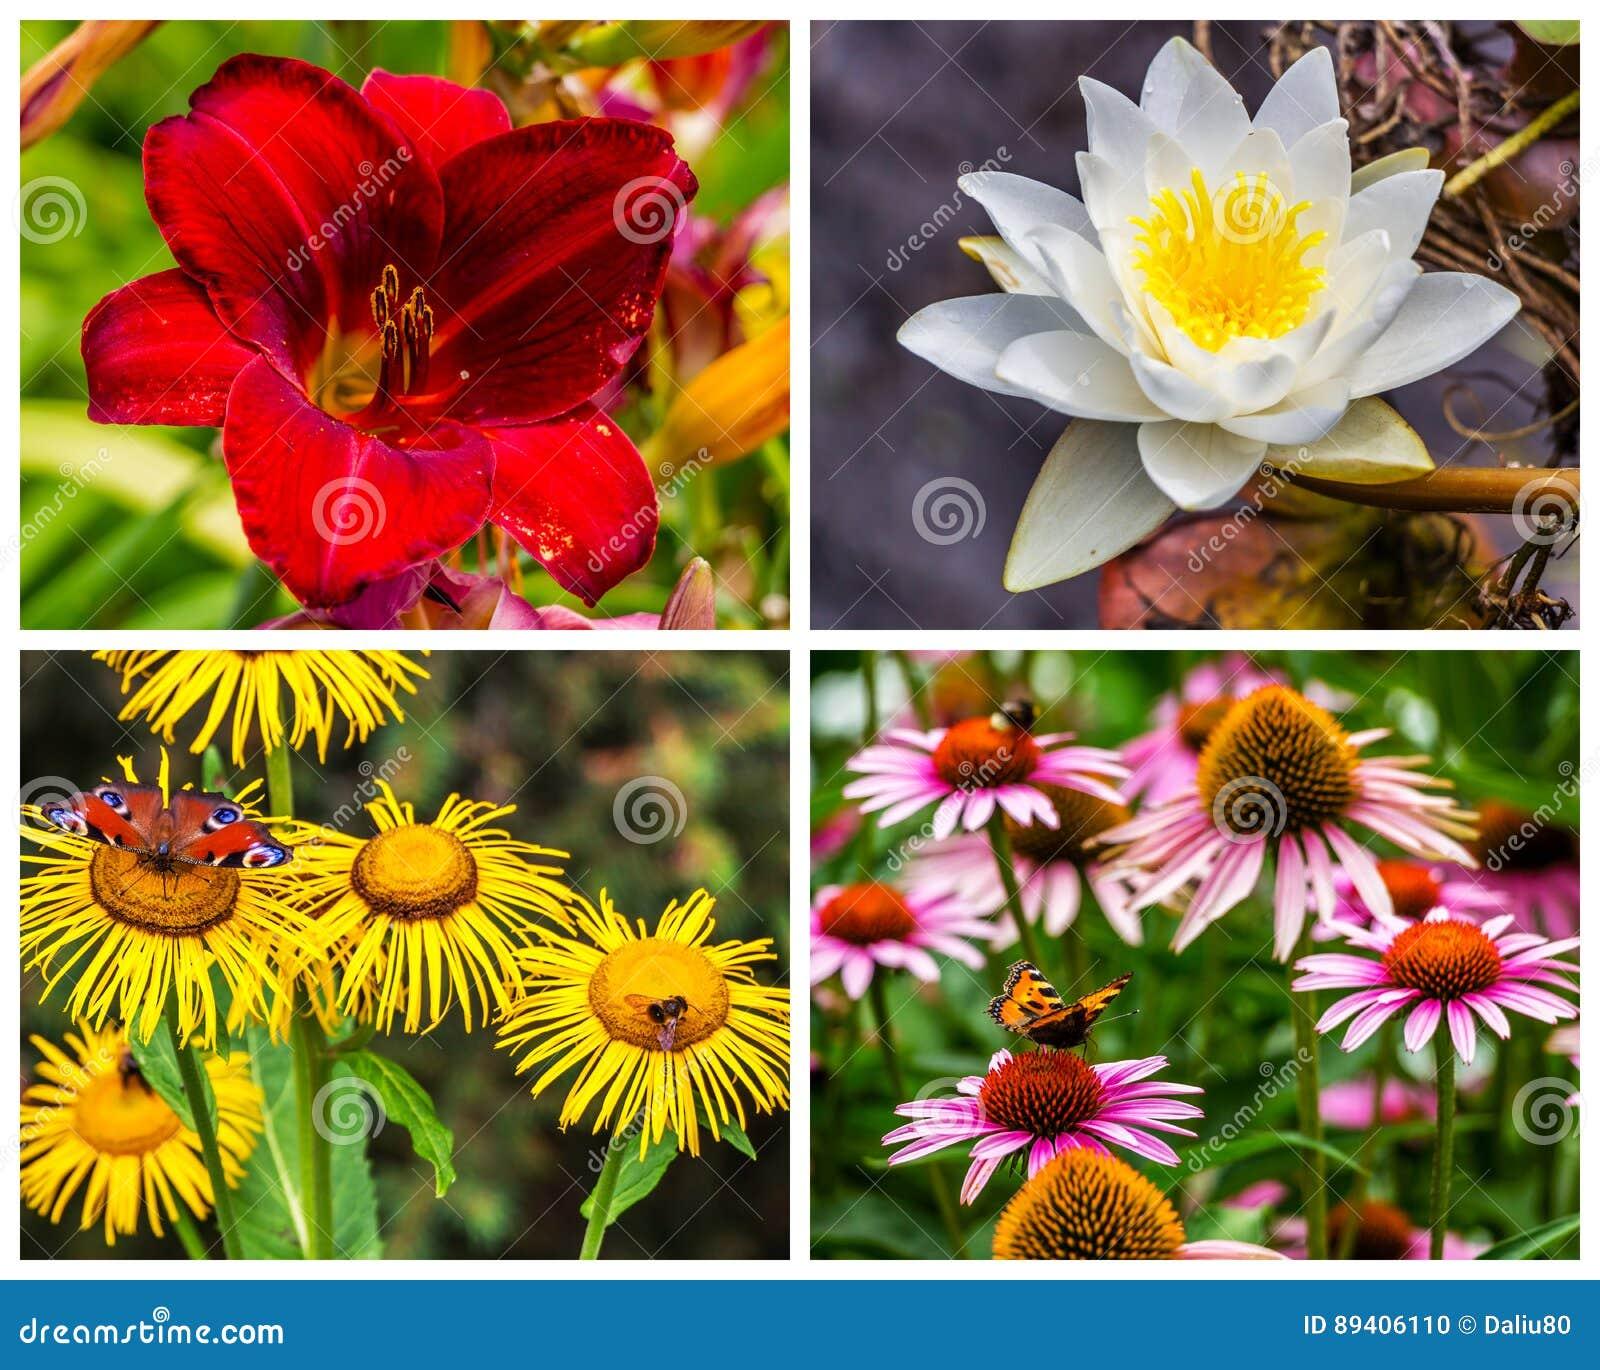 Colagem de fotos das flores na natureza